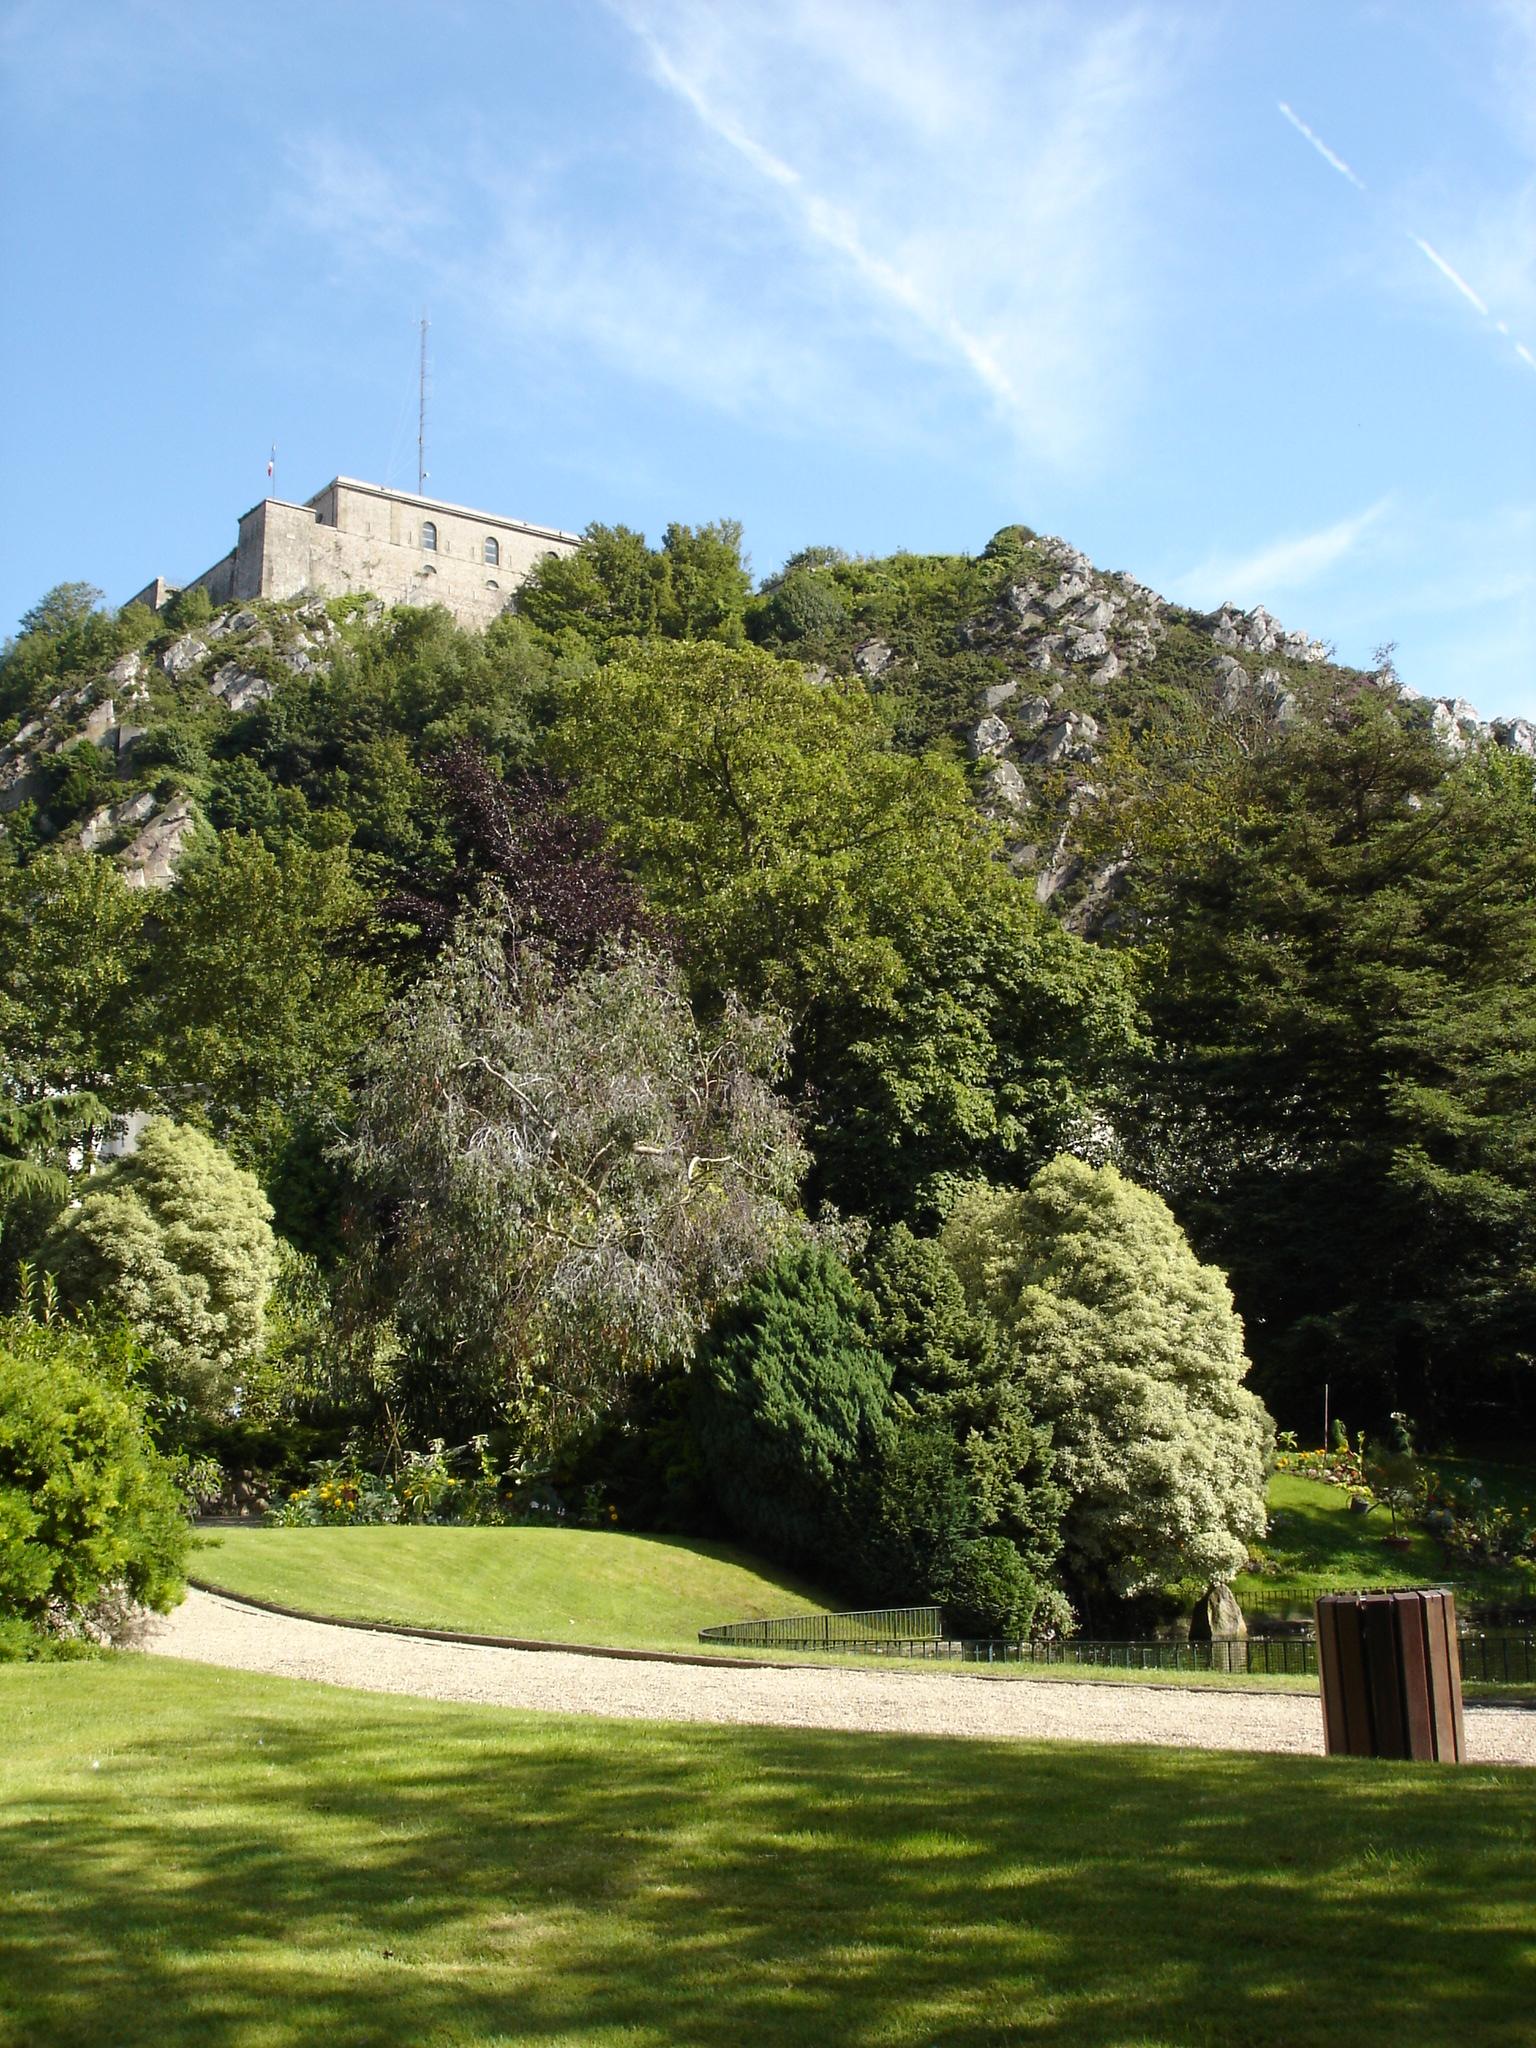 Jardin public de cherbourg wikip dia for Jardin wikipedia